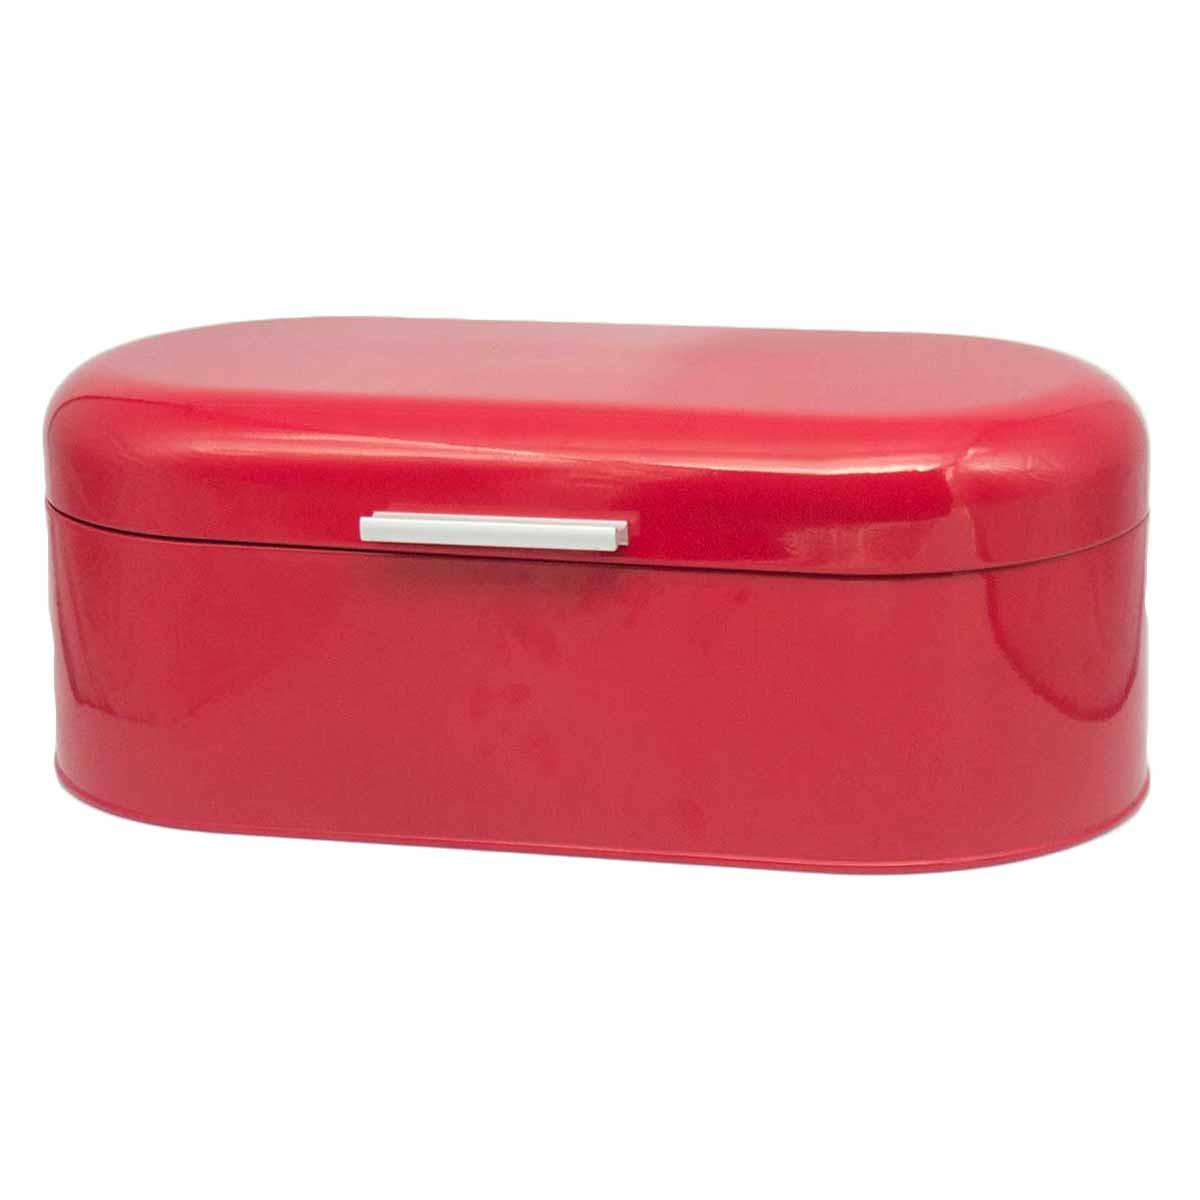 Ψωμιέρα Marva Flat Red 489016 home   κουζίνα   τραπεζαρία   επιτραπέζια είδη